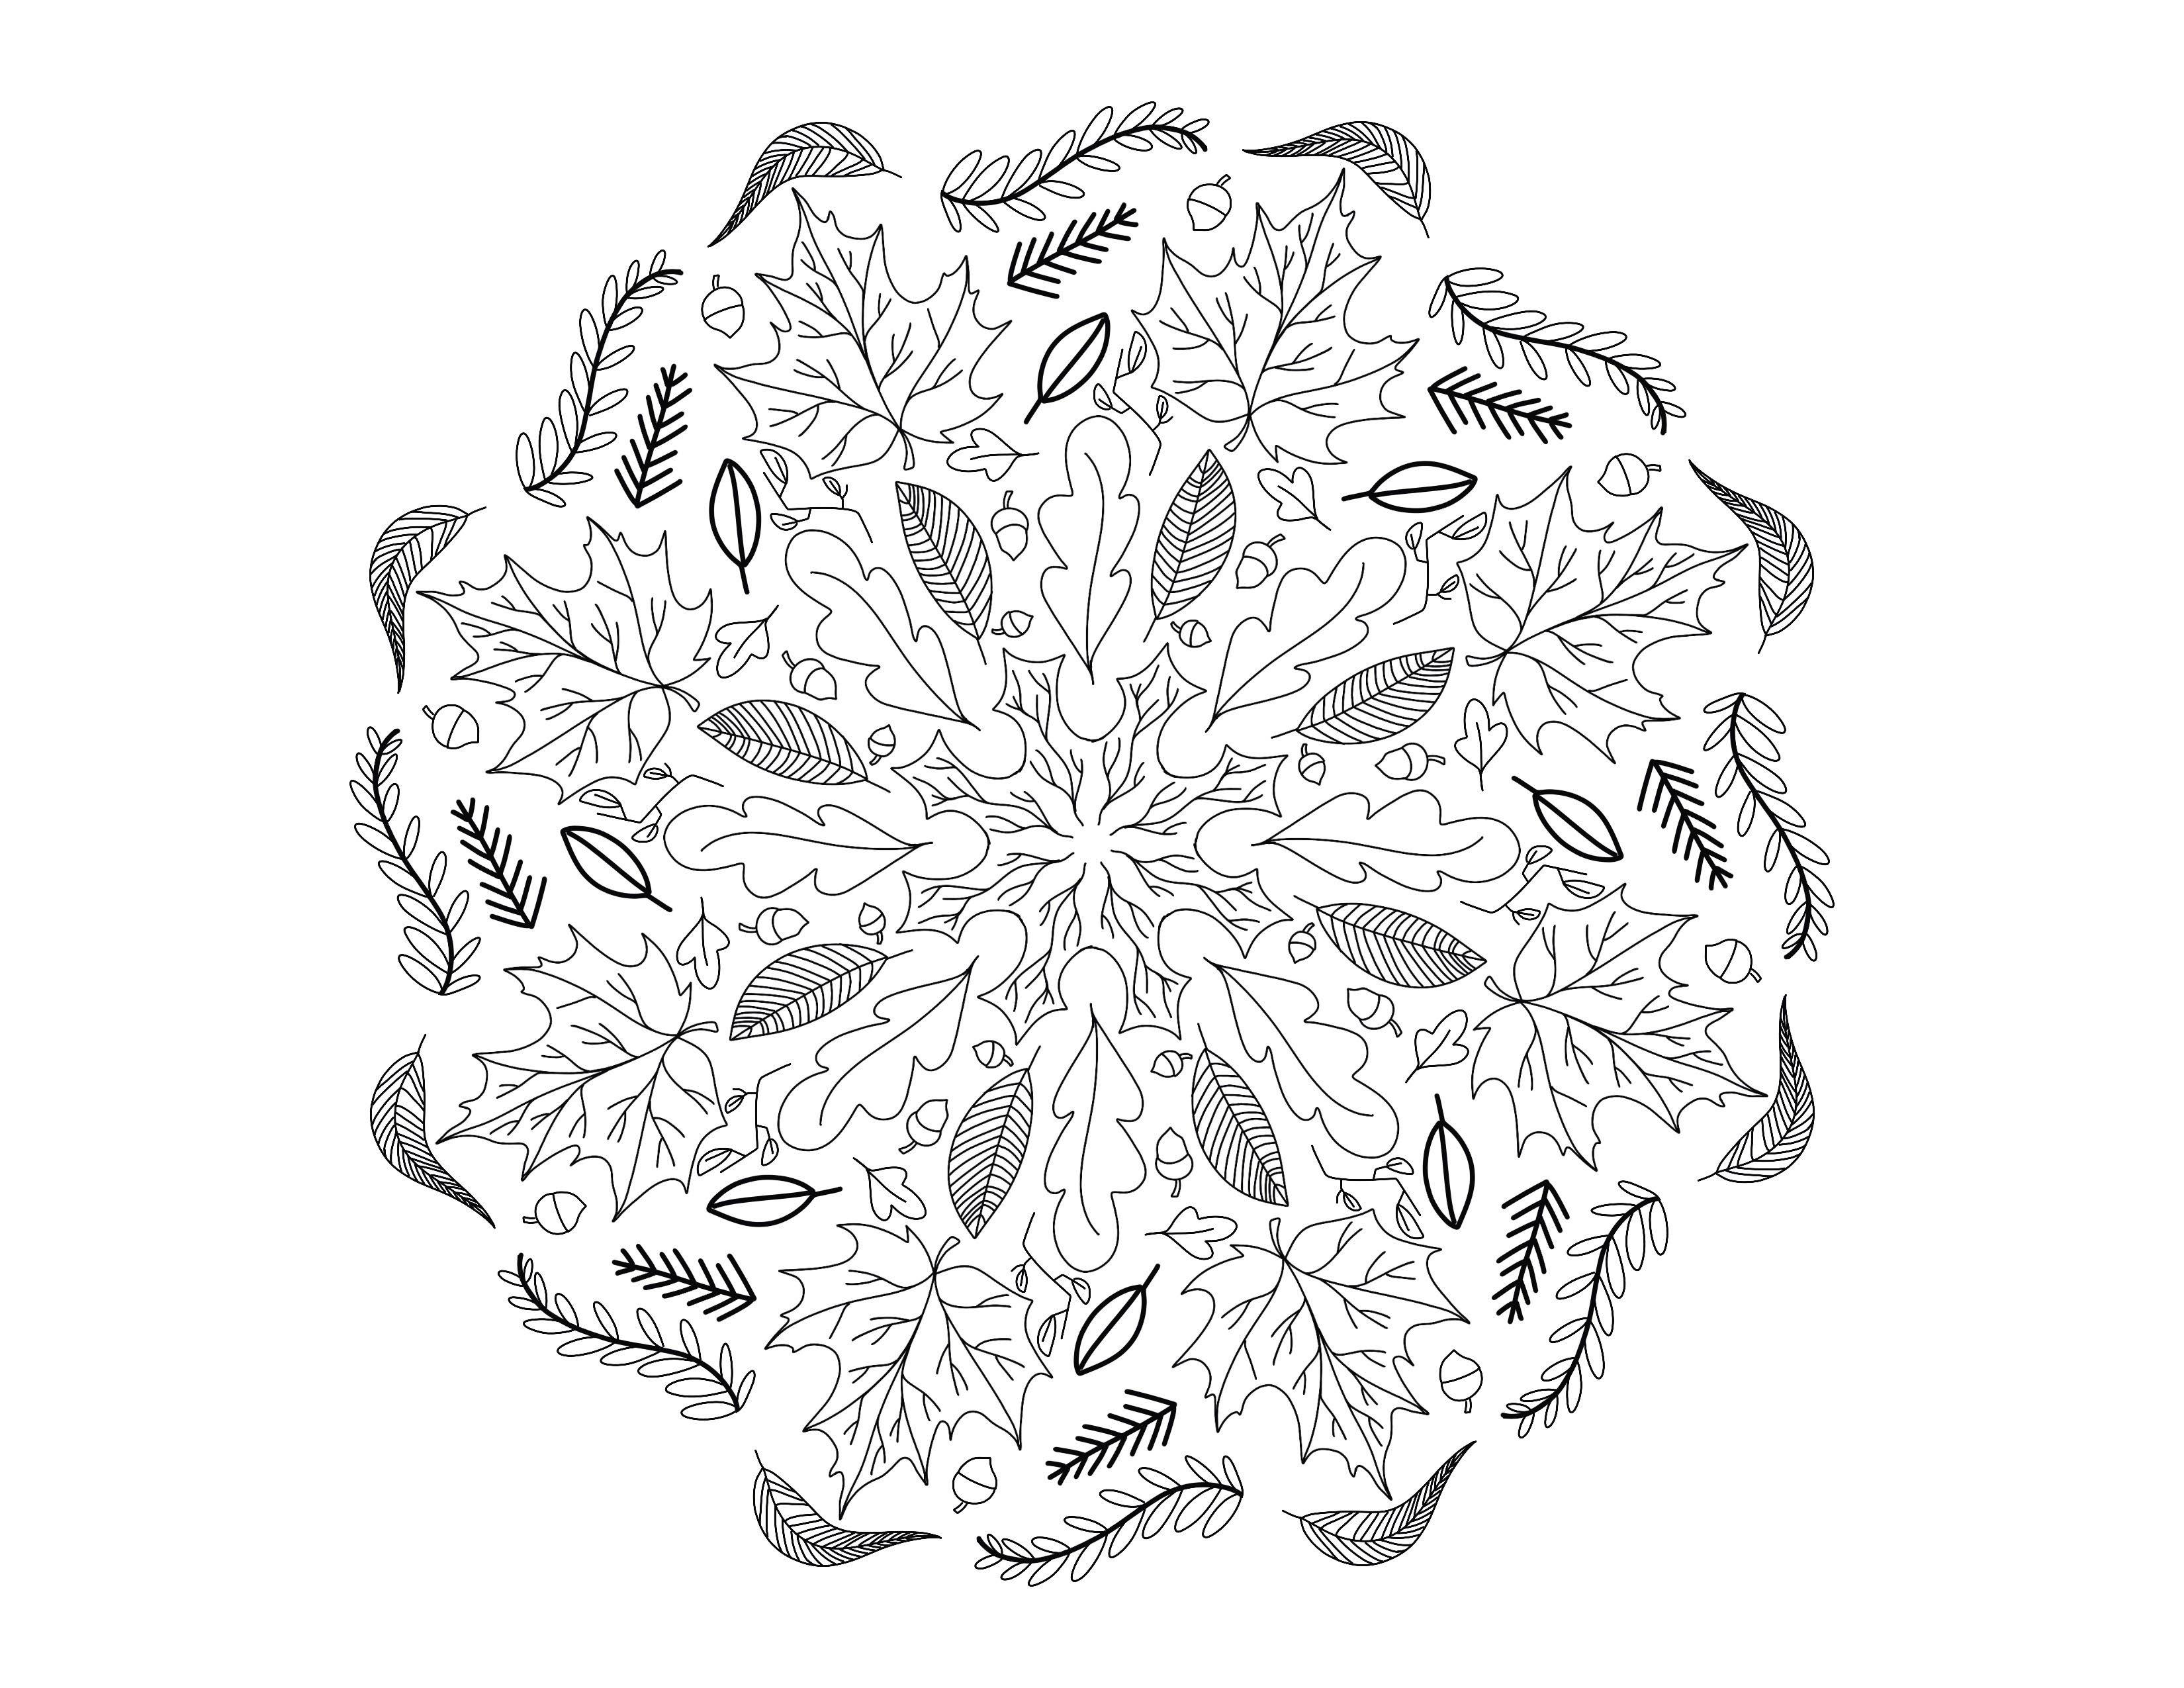 Coloriage Anti Stress Automne.Mandala D Automne Mandalas Coloriages Difficiles Pour